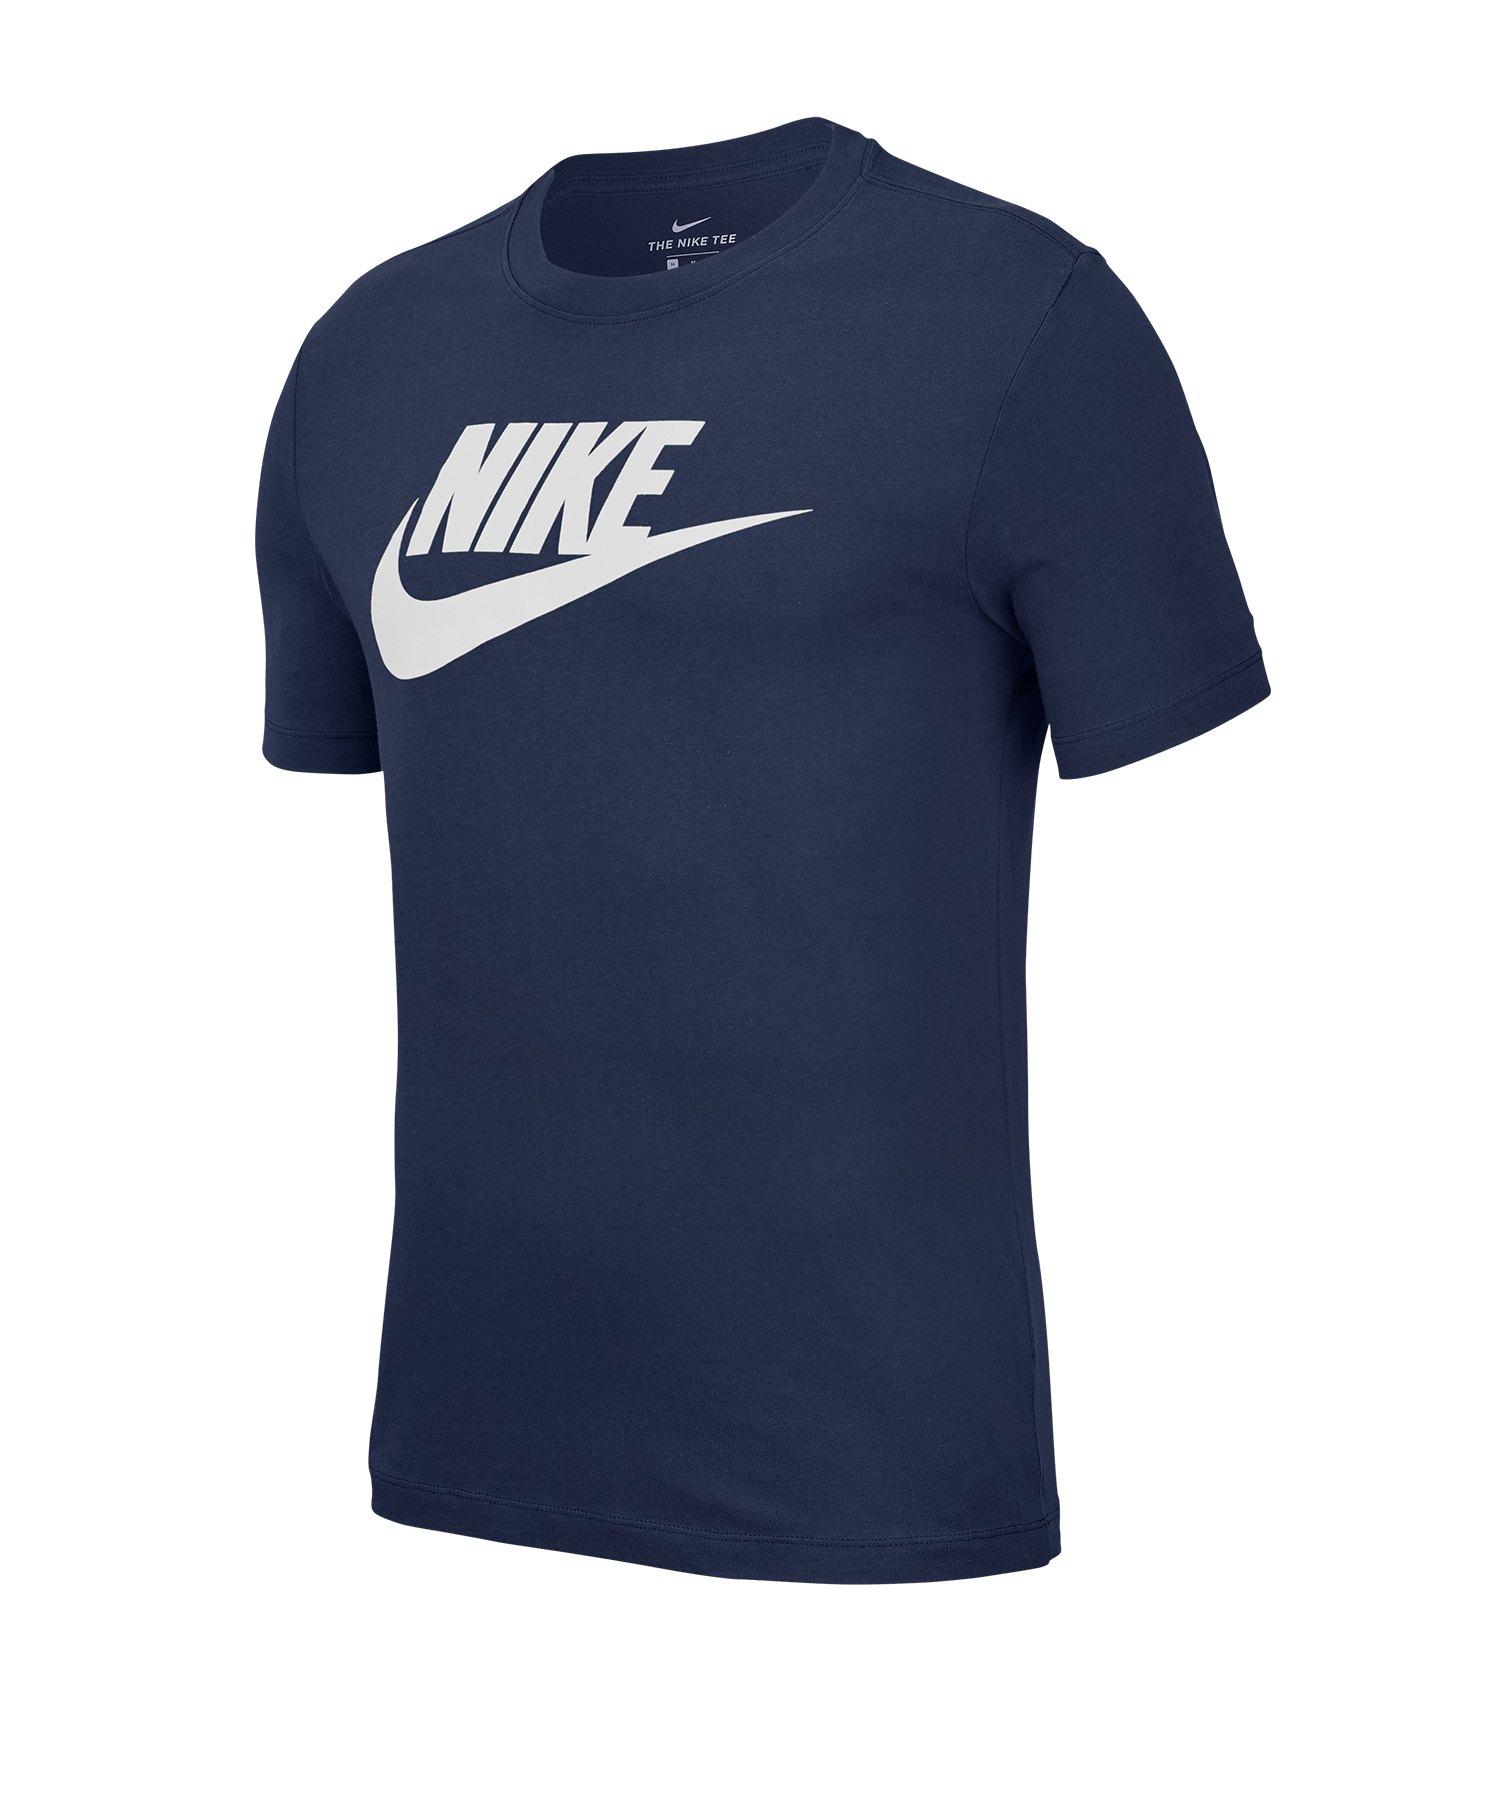 Nike Icon Futura Tee T-Shirt Blau F411 - blau